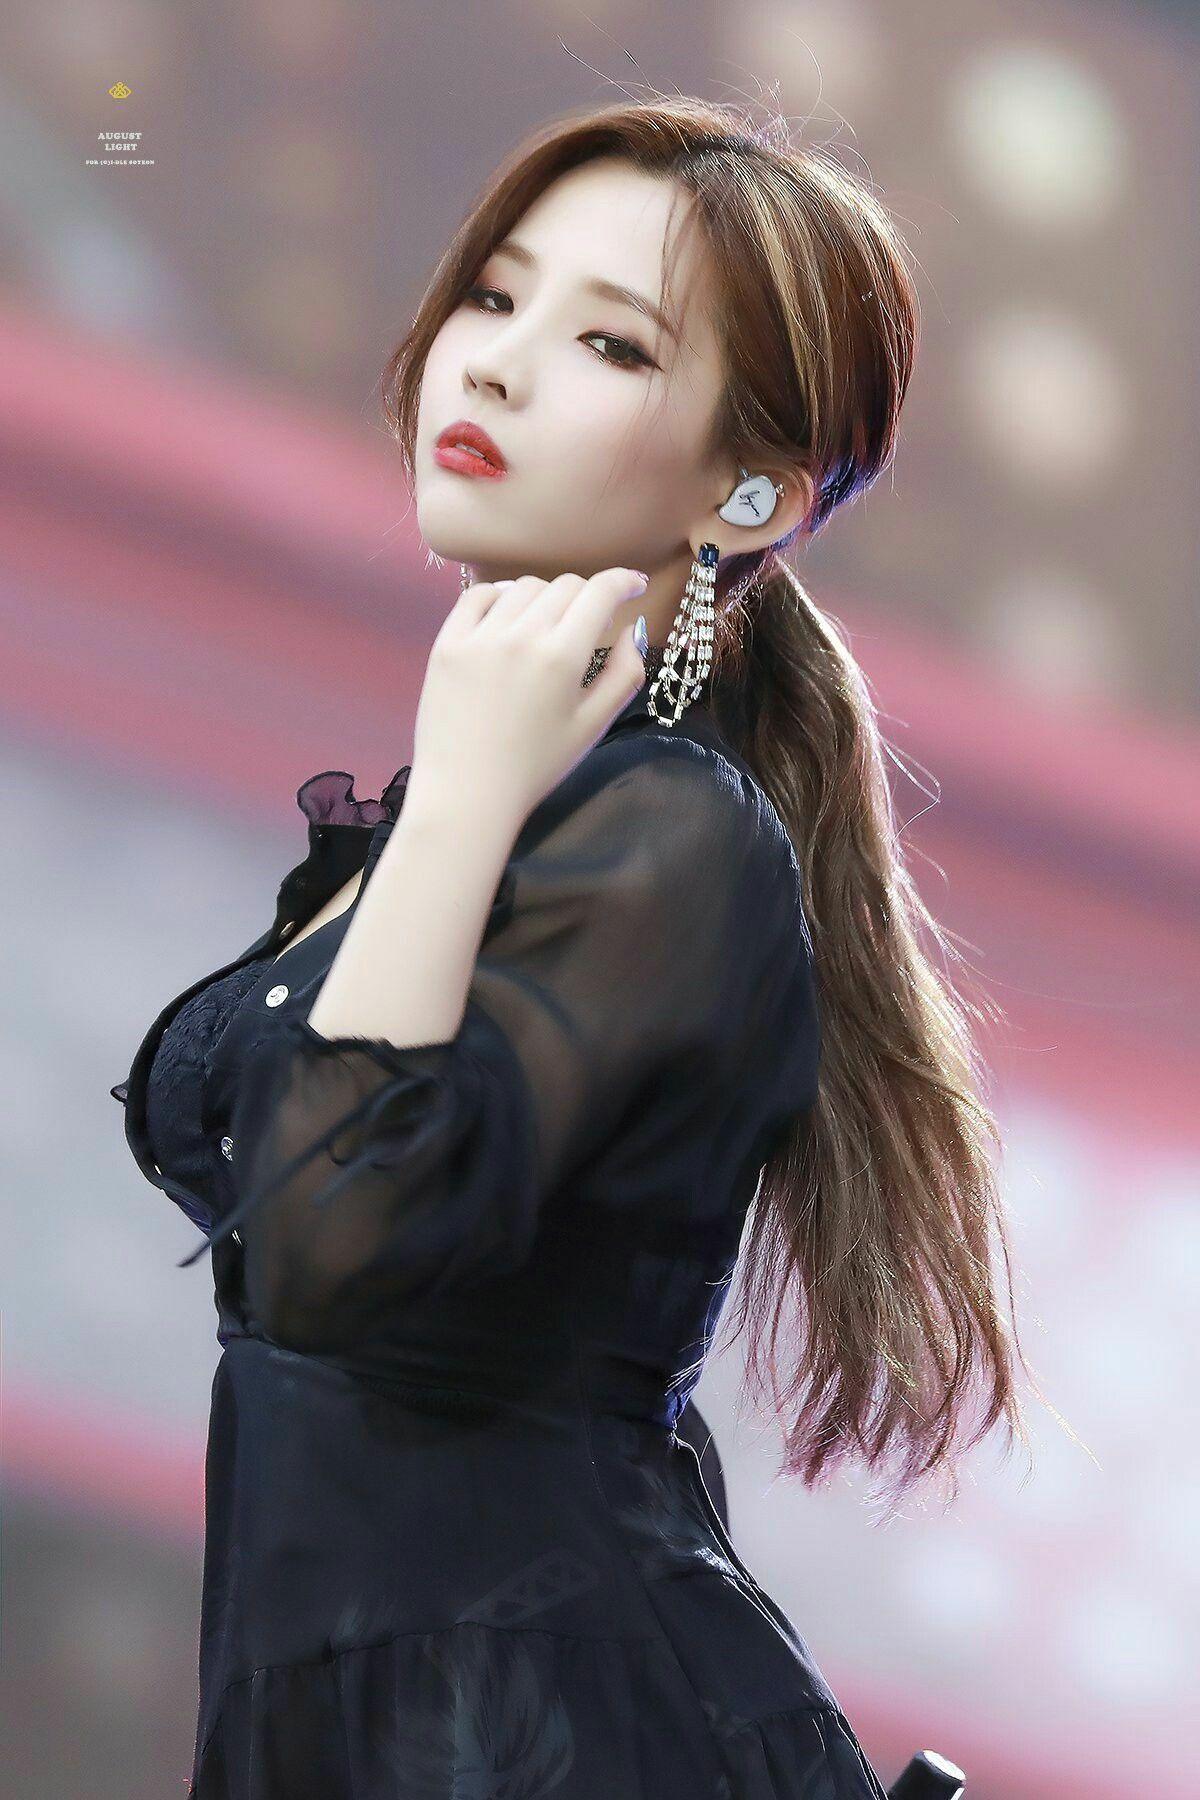 Nếu chung một lớp, những girlgroup Kpop sẽ là mẫu nữ sinh nào? - Ảnh 18